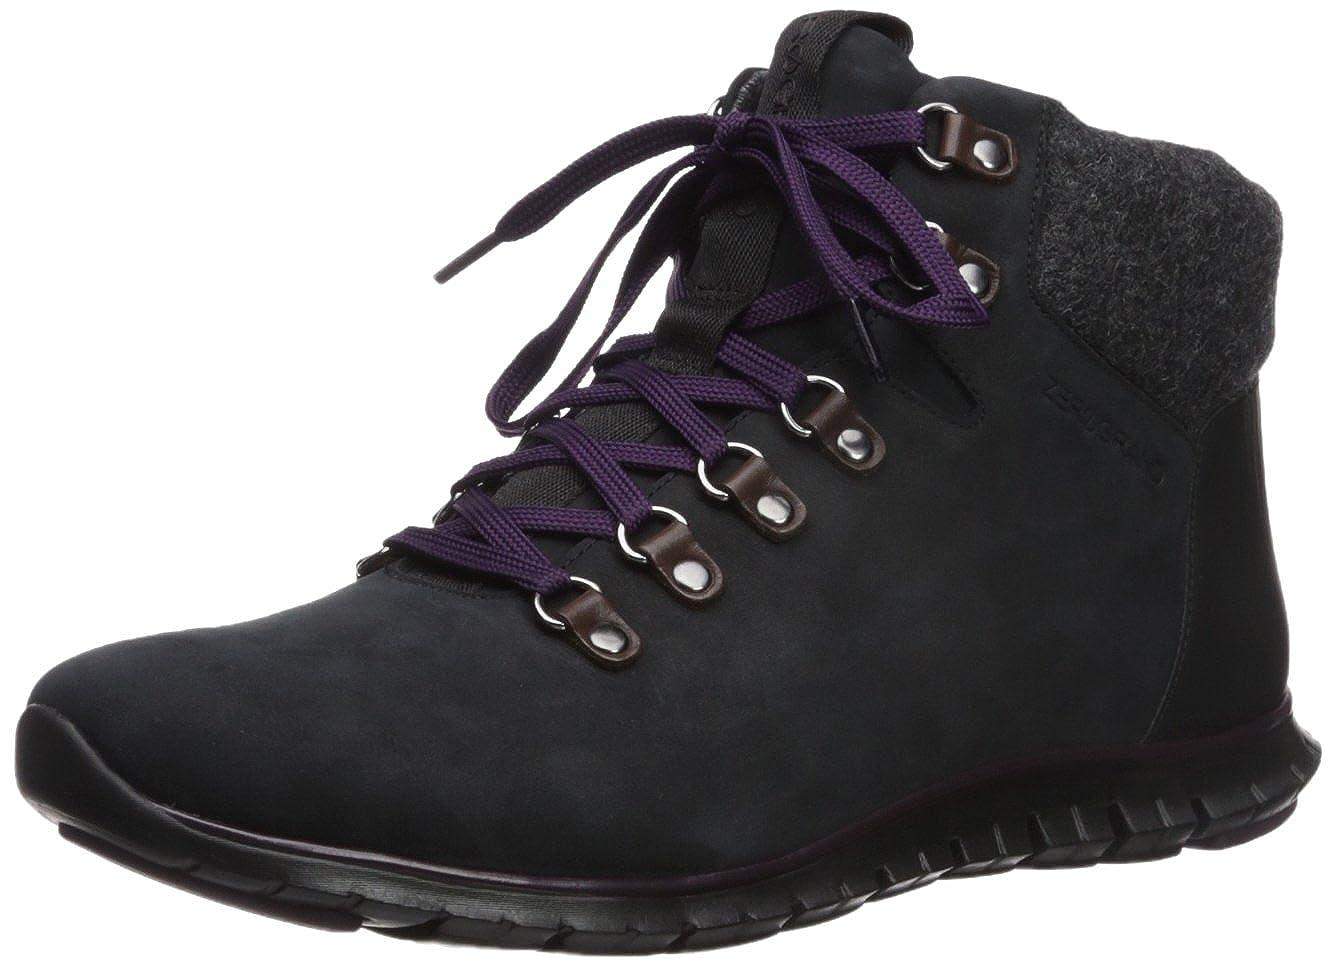 Noir Elderberry Cole Haan Zerogrand Hiker Waterproof démarrage baskets Chaussures US 6  UK 3.5   EU 36